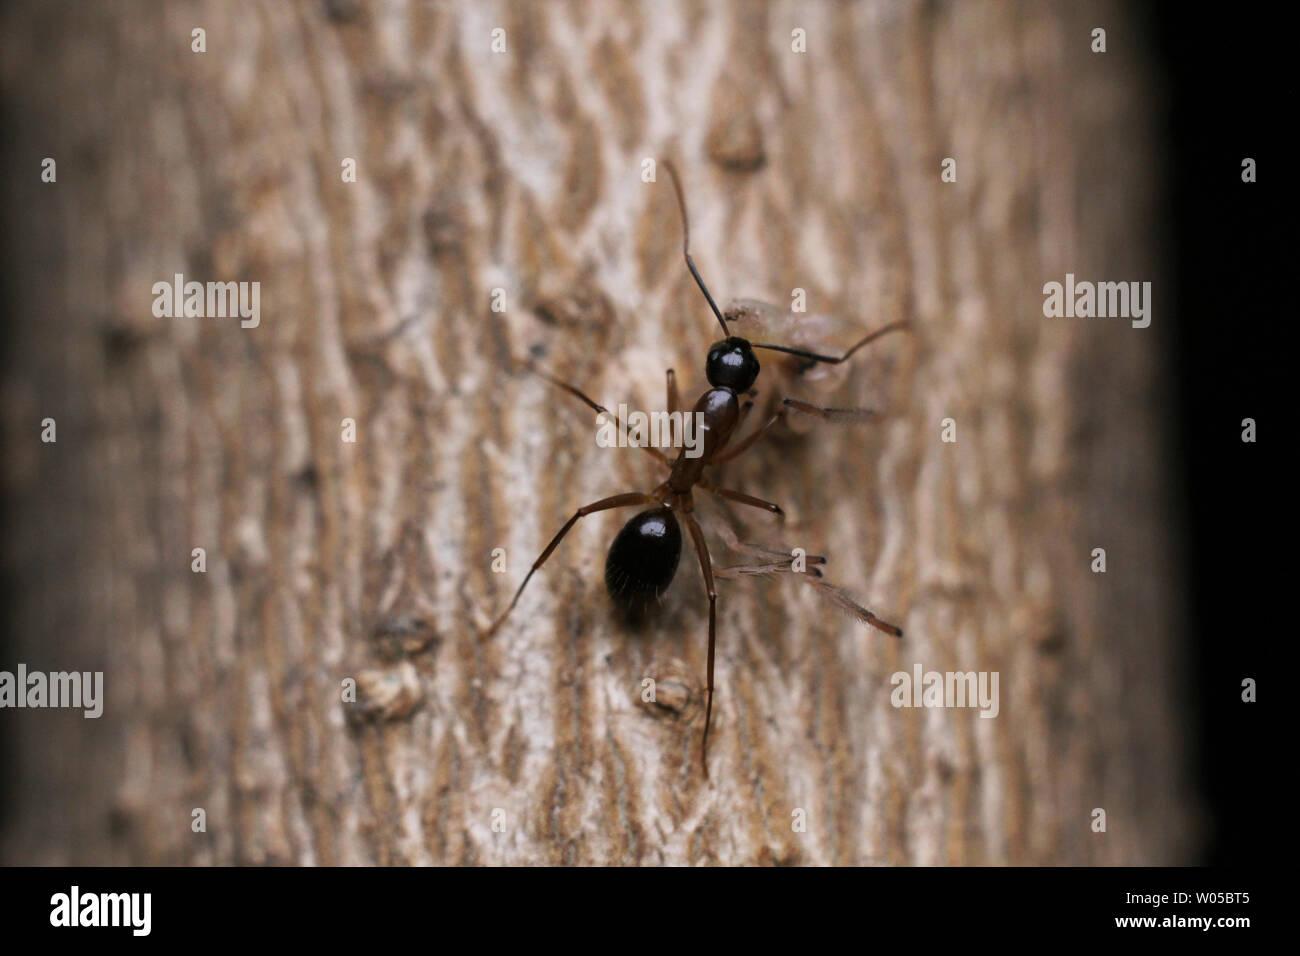 Hormiga de madera. Foto de stock